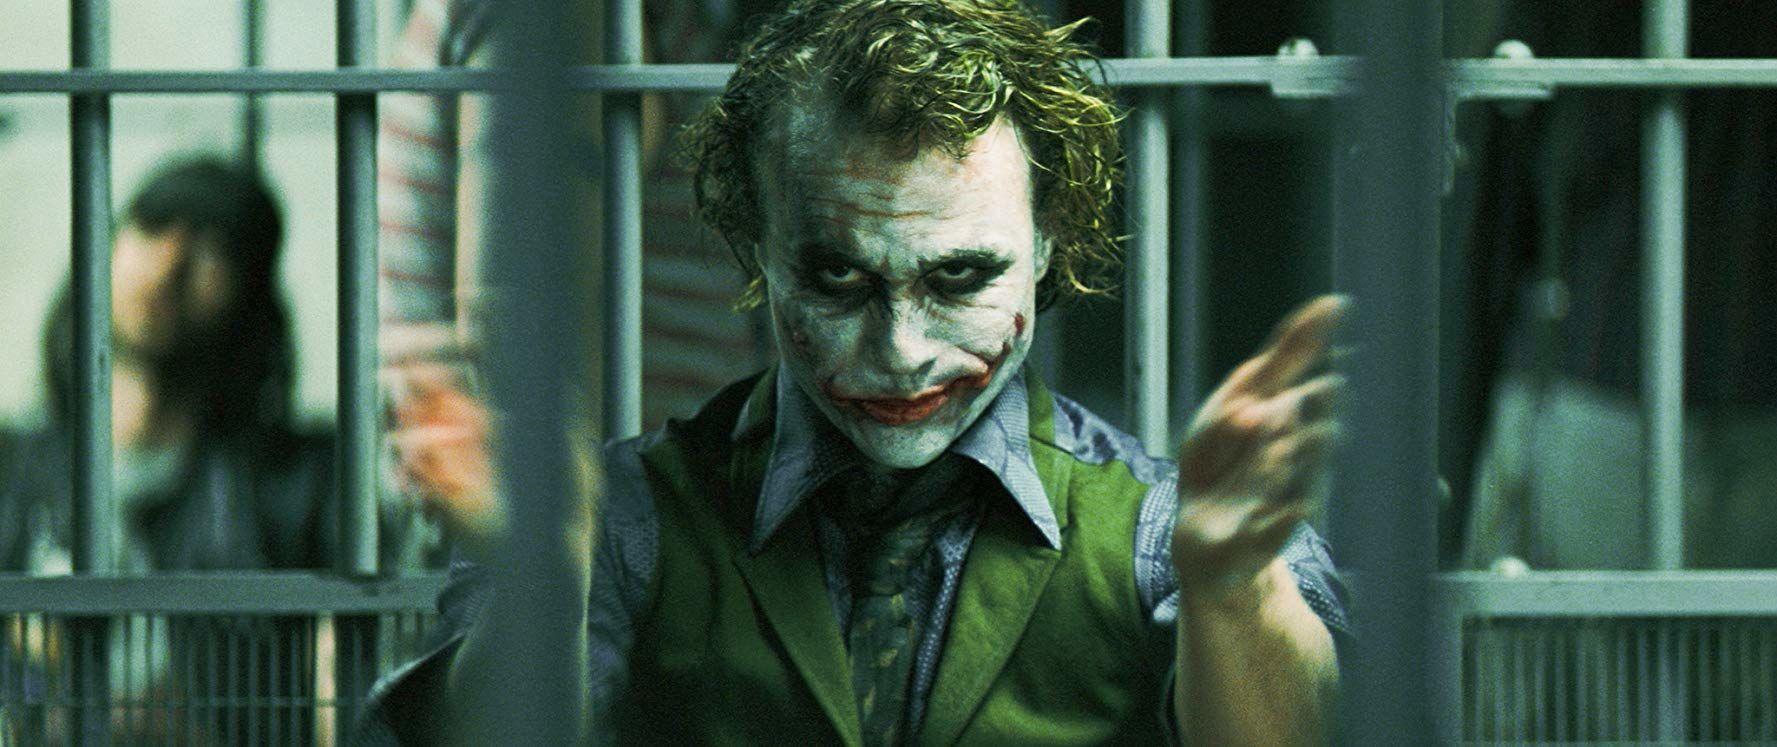 9 Film yang Tokoh Antagonisnya Lebih Populer daripada Protagonisnya